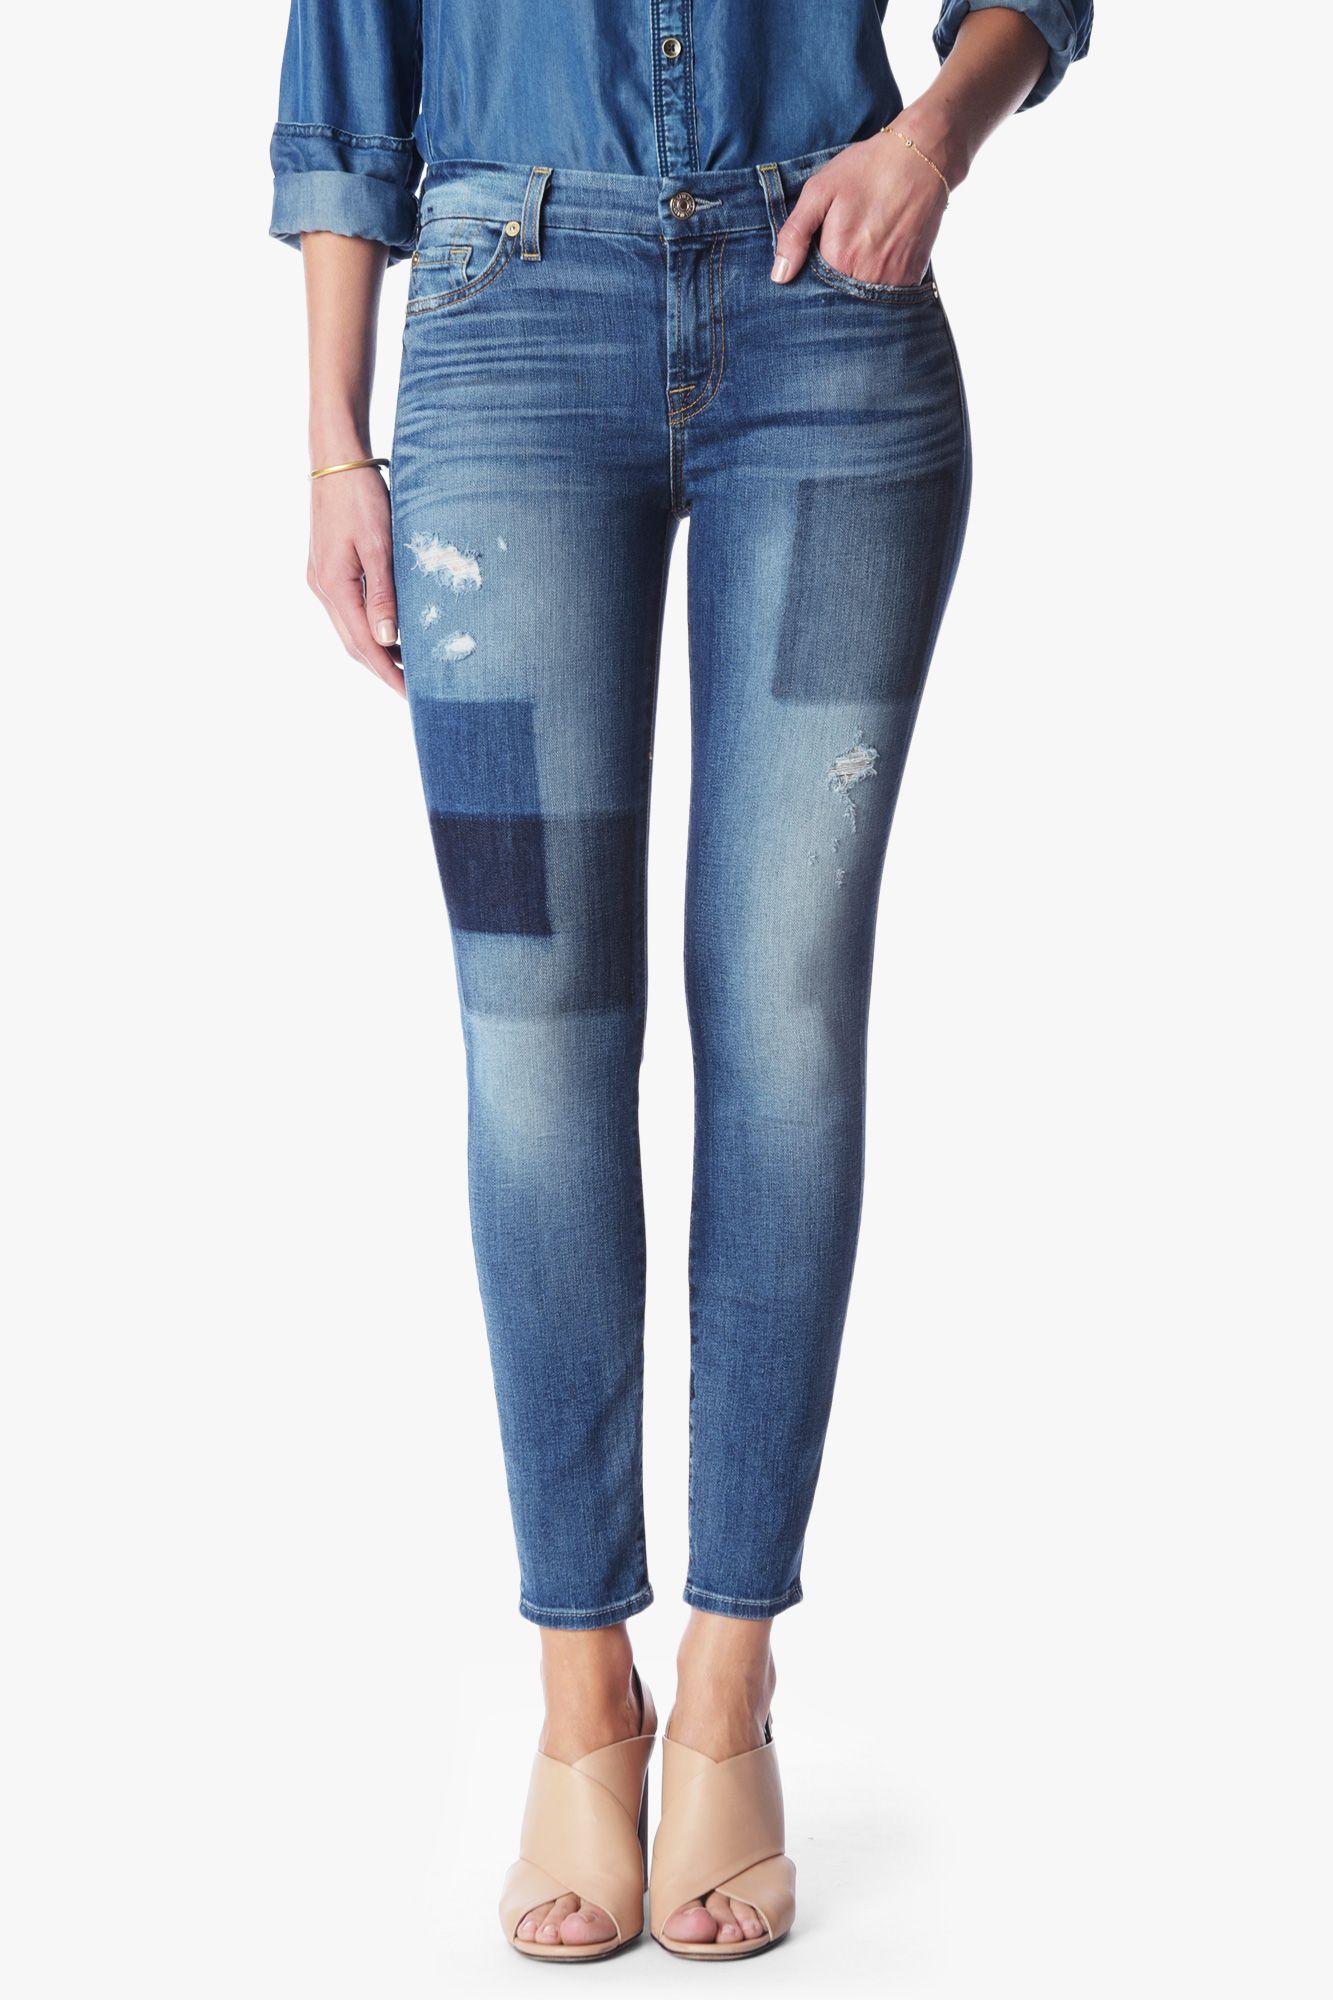 7 Pour Tous Les Jeans Skinny Femme De L'homme En Détresse À Mi-hauteur Brodé Denim Clair Taille 24 7 Pour Toute L'humanité RUCGEZD